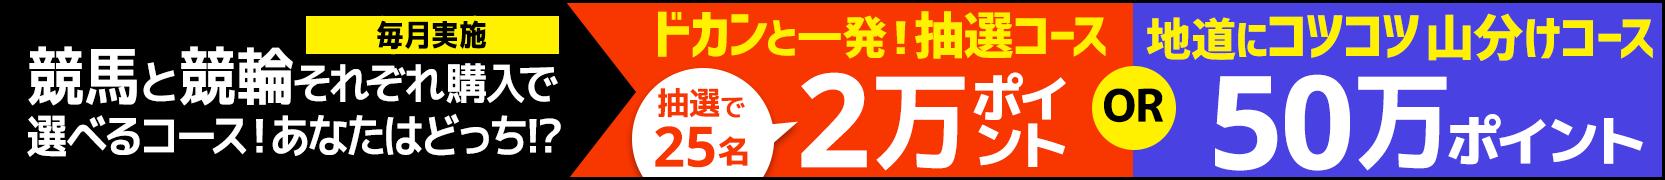 競馬&競輪 共同キャンペーン(2019年4月)